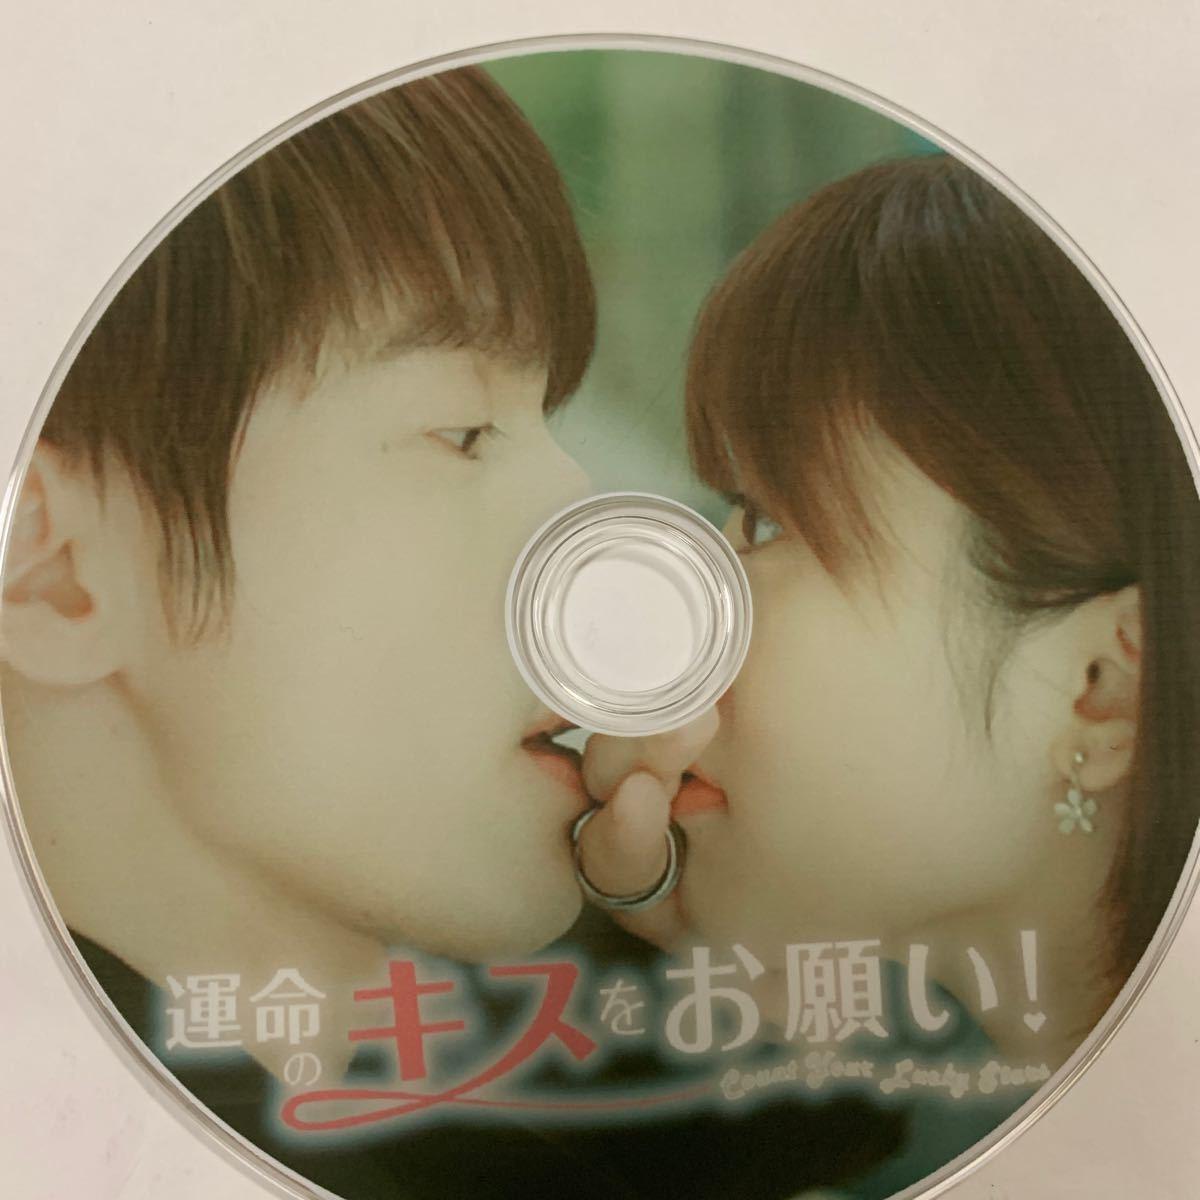 中国ドラマ 運命のキスをお願い! ブルーレイ全話